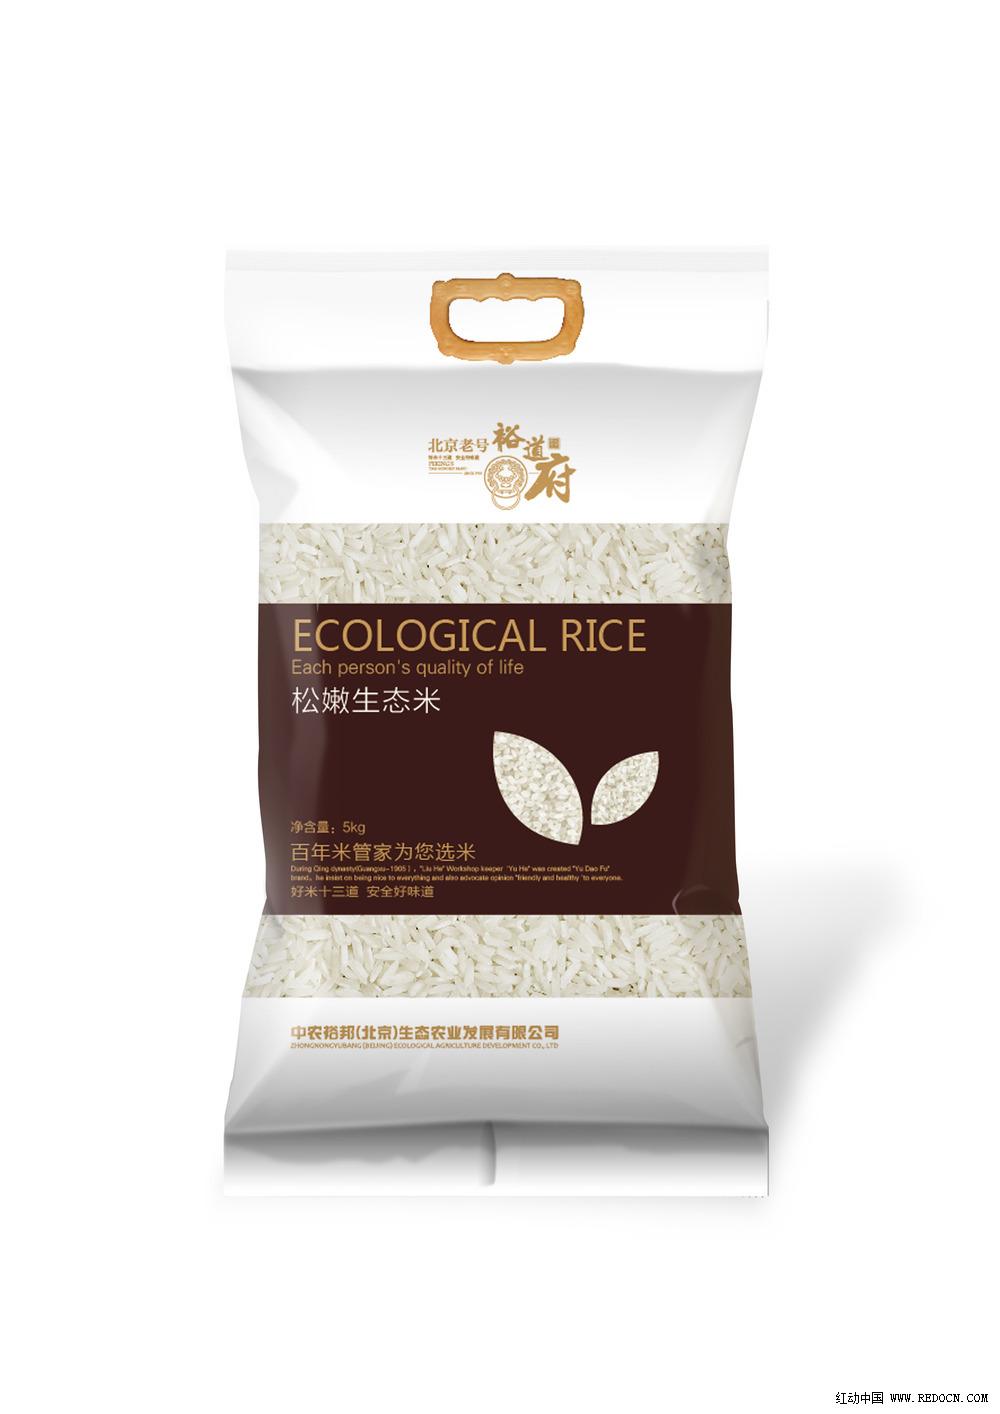 大米包装设计 五谷杂粮包装设计